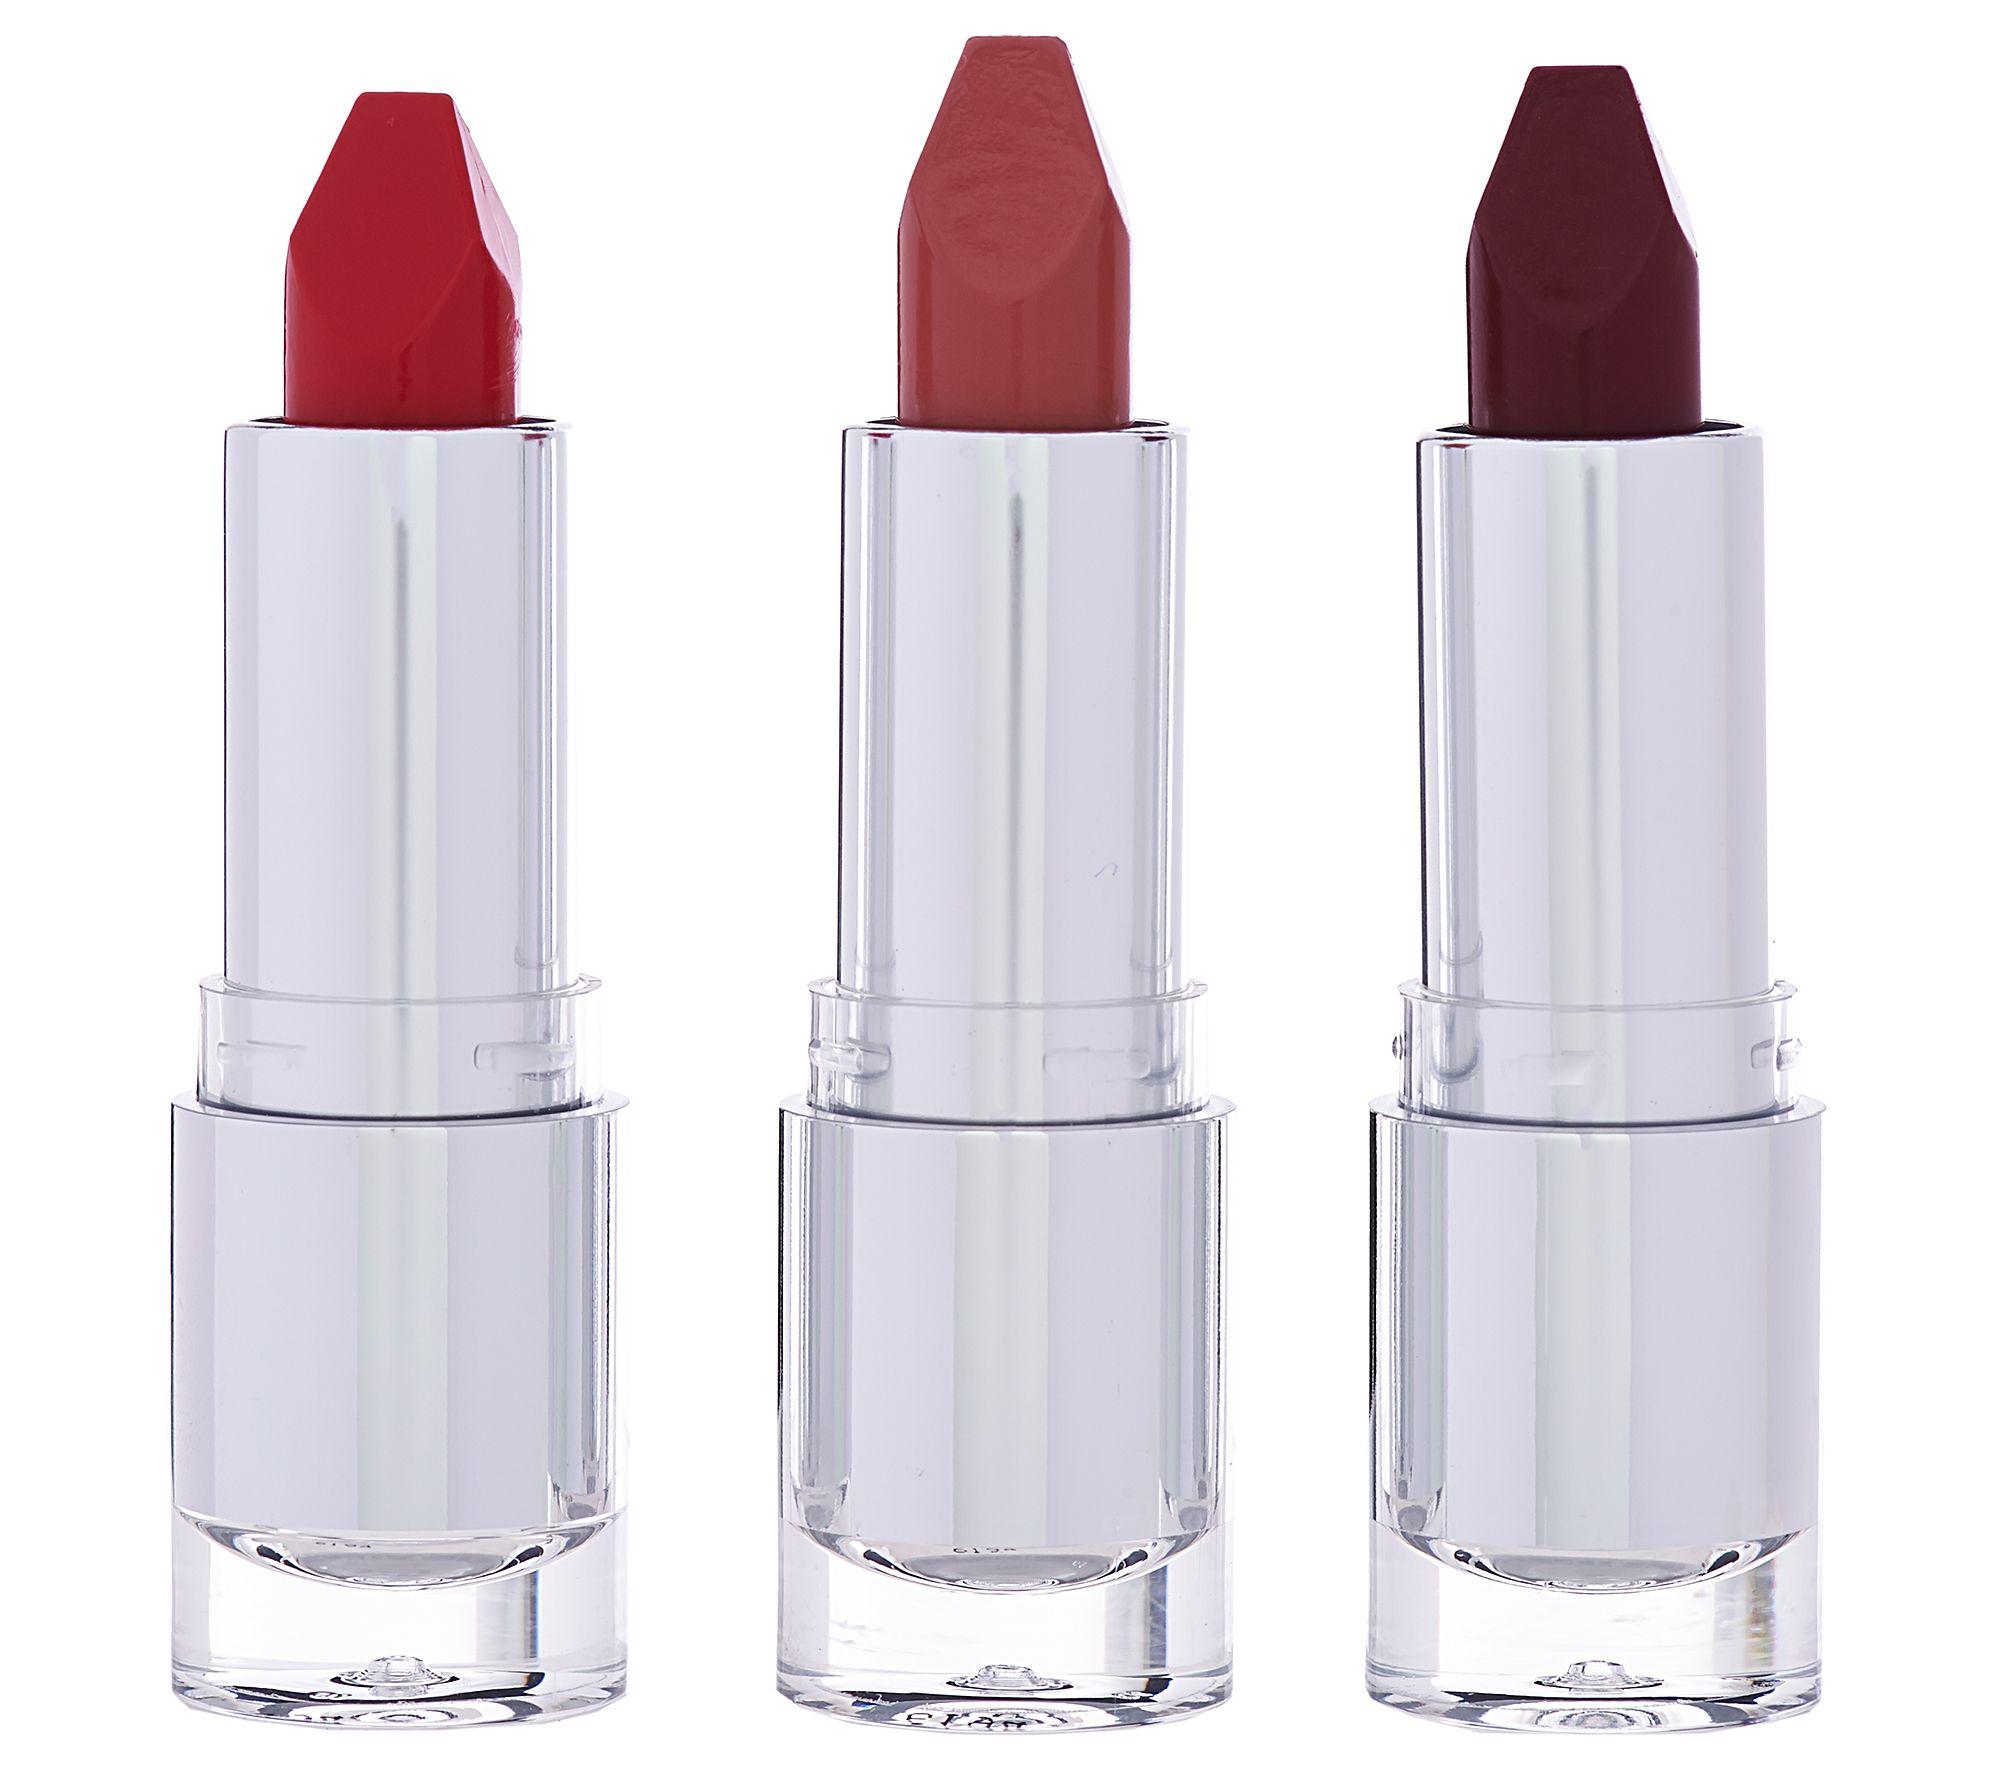 Colour care london lipstick price - Mally H3 Gel Lipstick Trio A289058